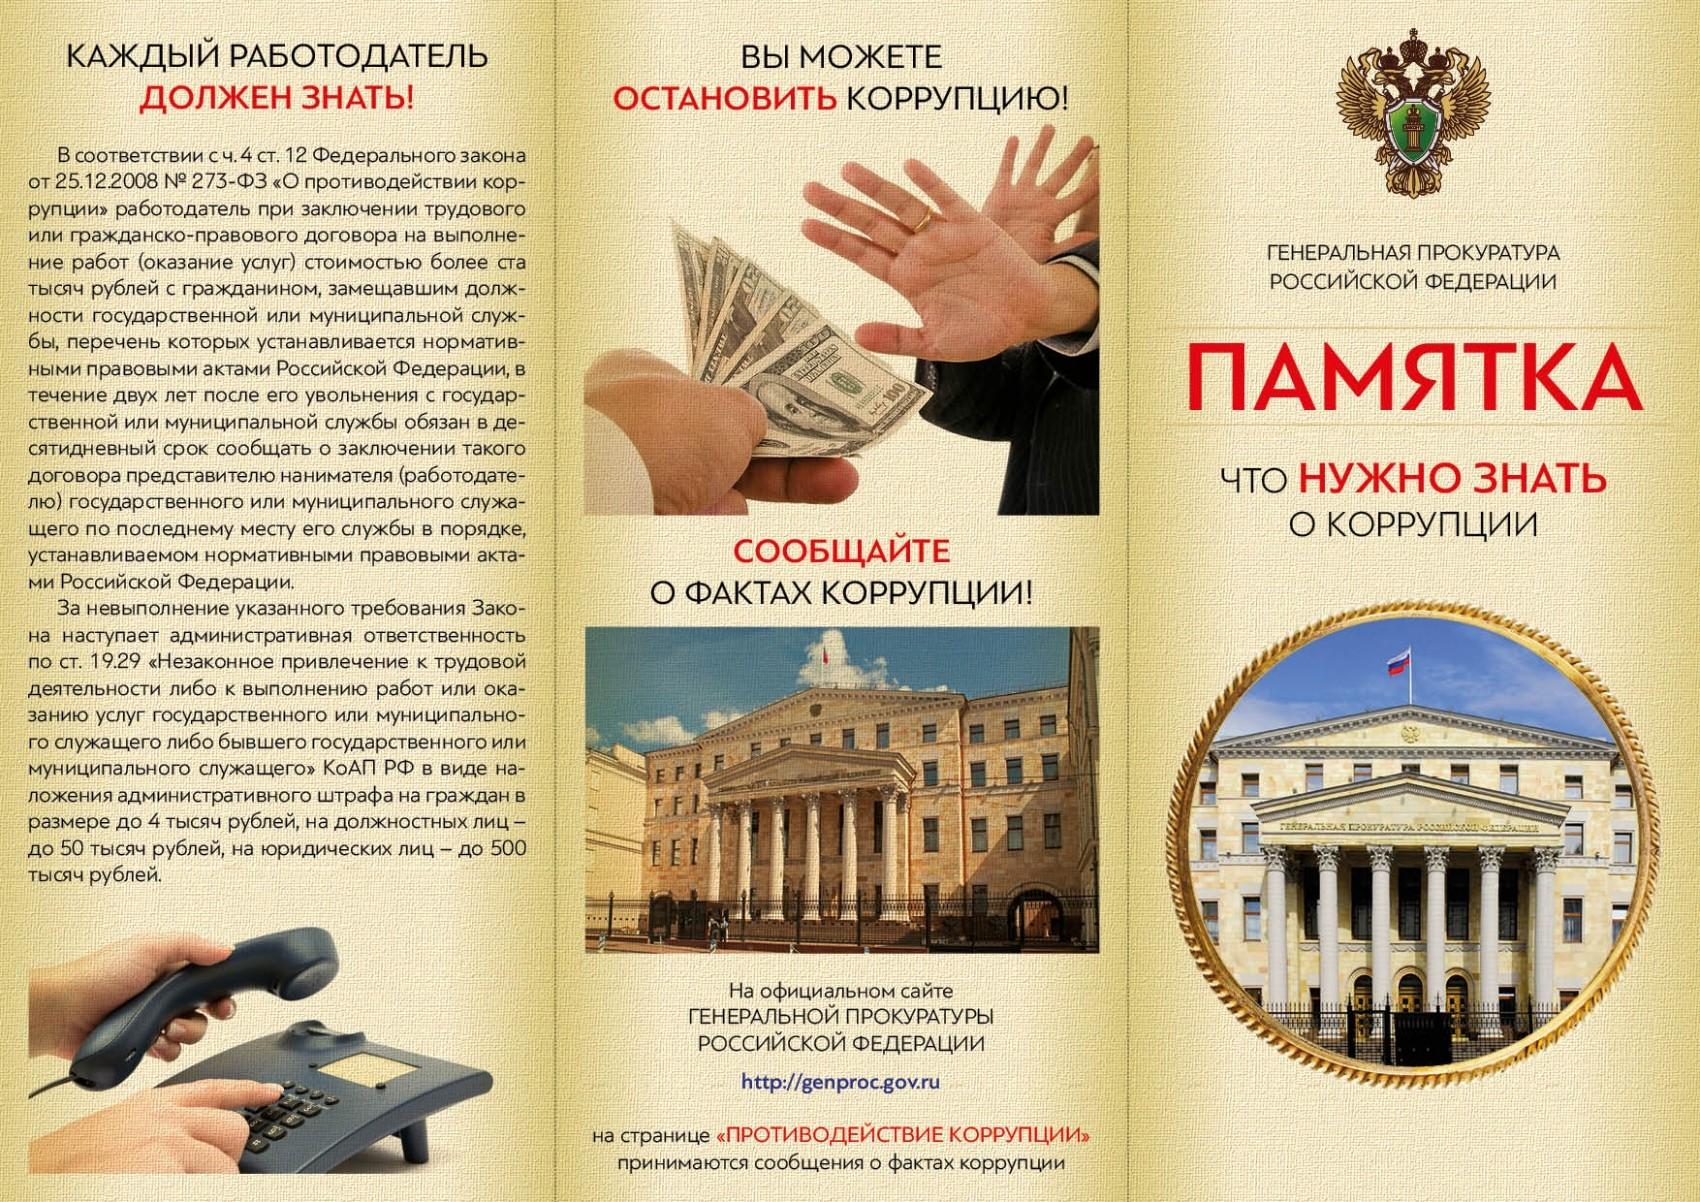 http://pupils.ru/upload/pupils/information_system_782/3/6/5/0/9/item_365092/information_items_property_116312.jpg